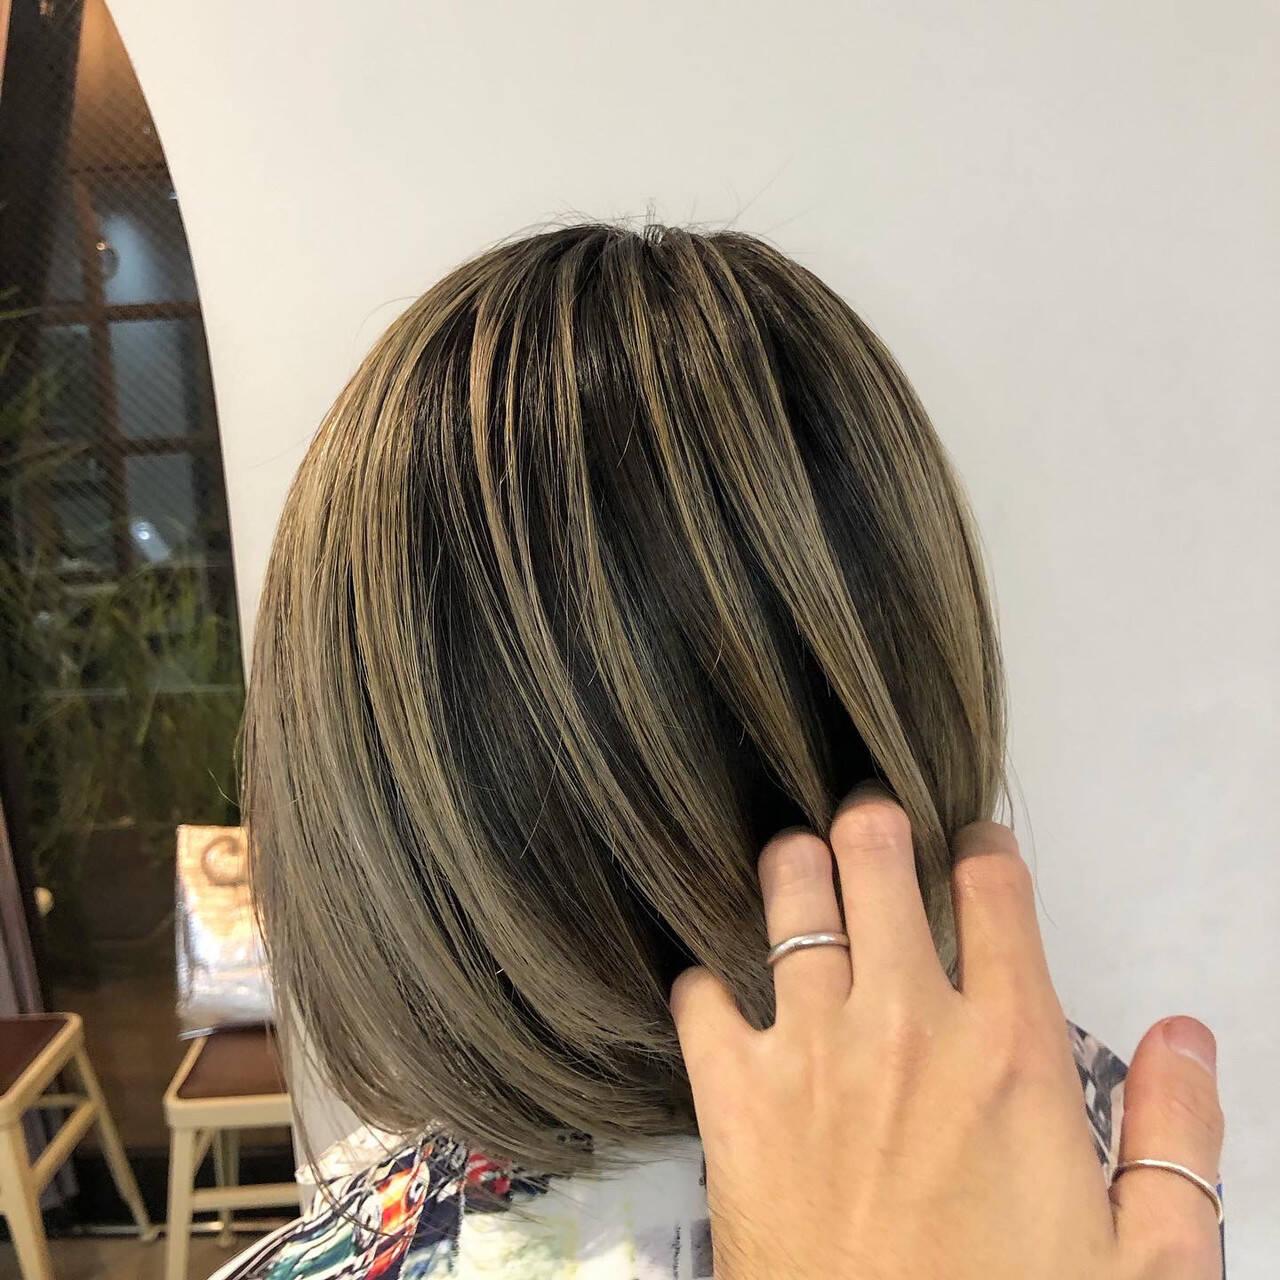 ハイライト 3Dハイライト ホワイトハイライト コントラストハイライトヘアスタイルや髪型の写真・画像